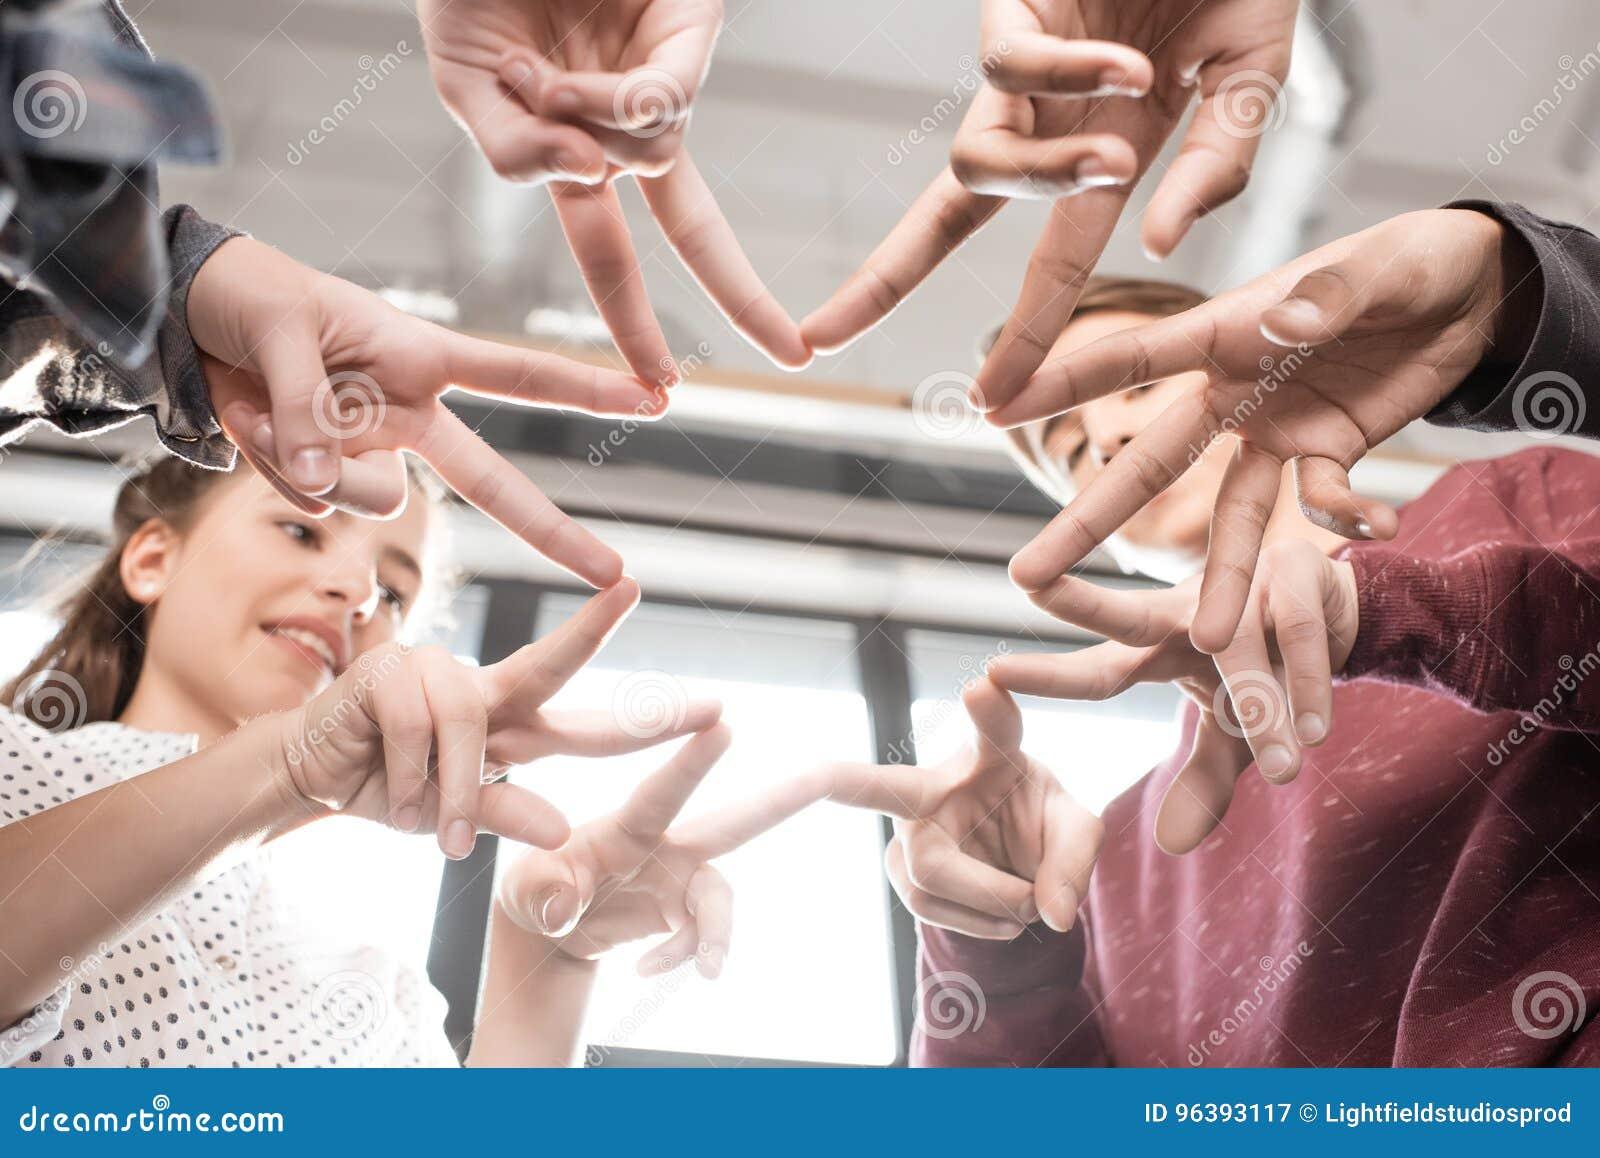 Tir cultivé des adolescents faisant des gestes avec des doigts ensemble à l intérieur